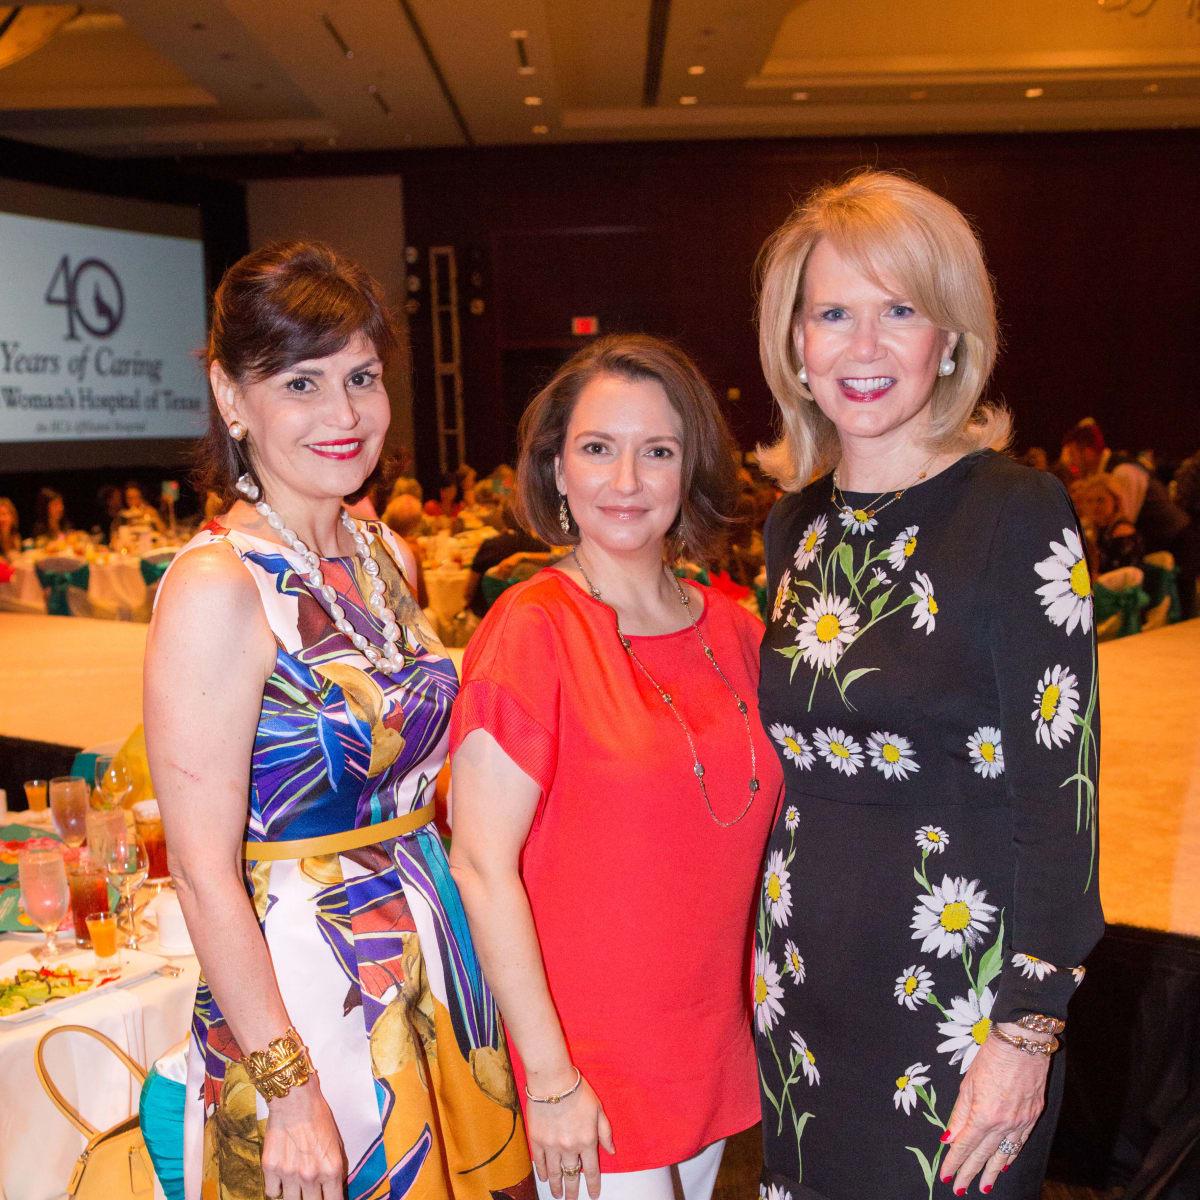 Women's Hospital Labor Day lunch, 8/16,  Denise Castillo-Rhodes, Darcie Wells, Suzan Deison